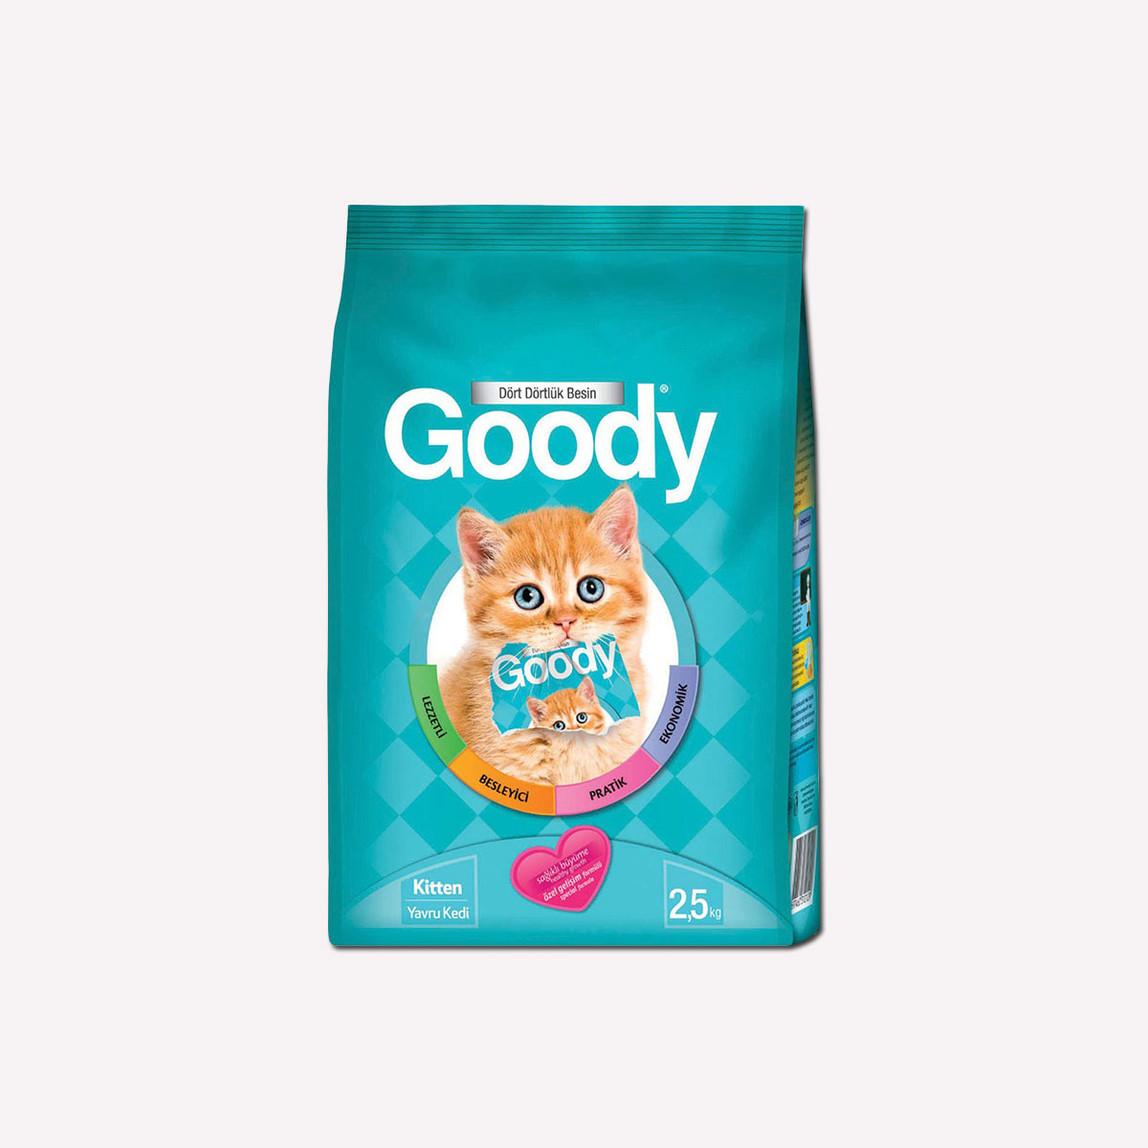 Goody Yavru Kedi Maması 2.5 kg